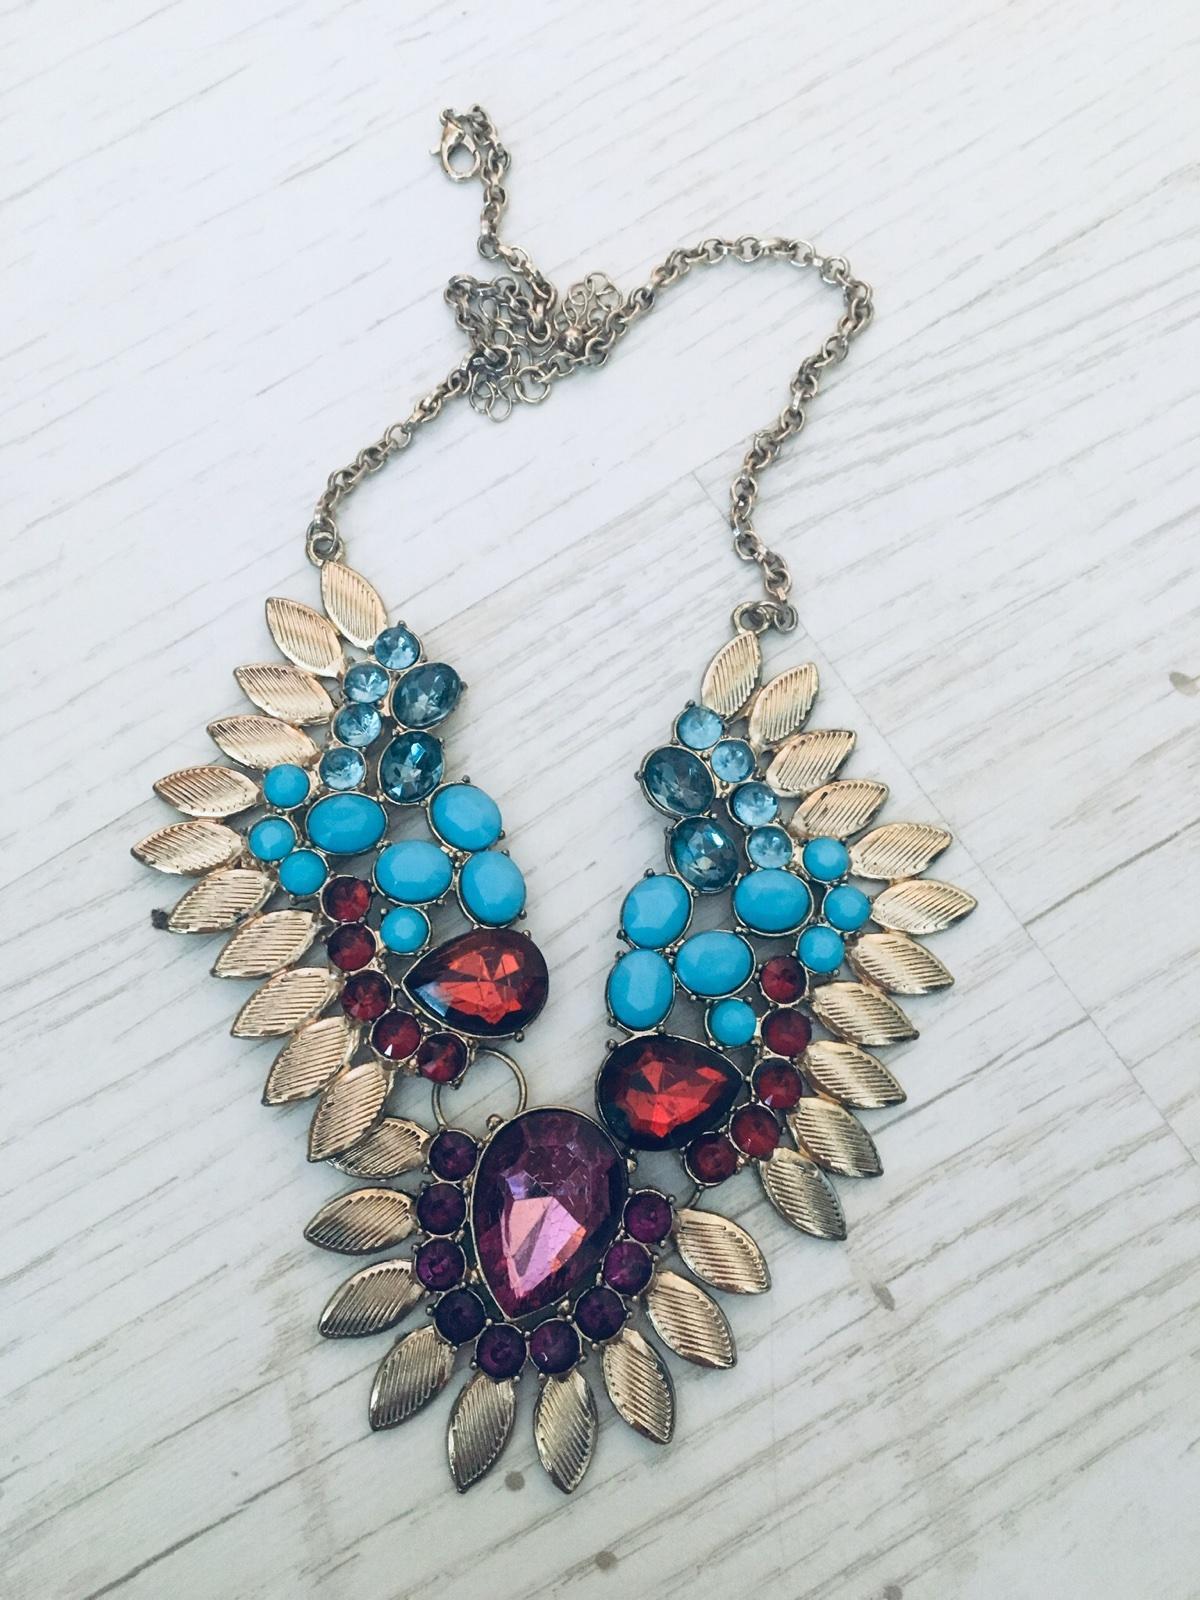 farebný náhrdelník - Obrázok č. 1